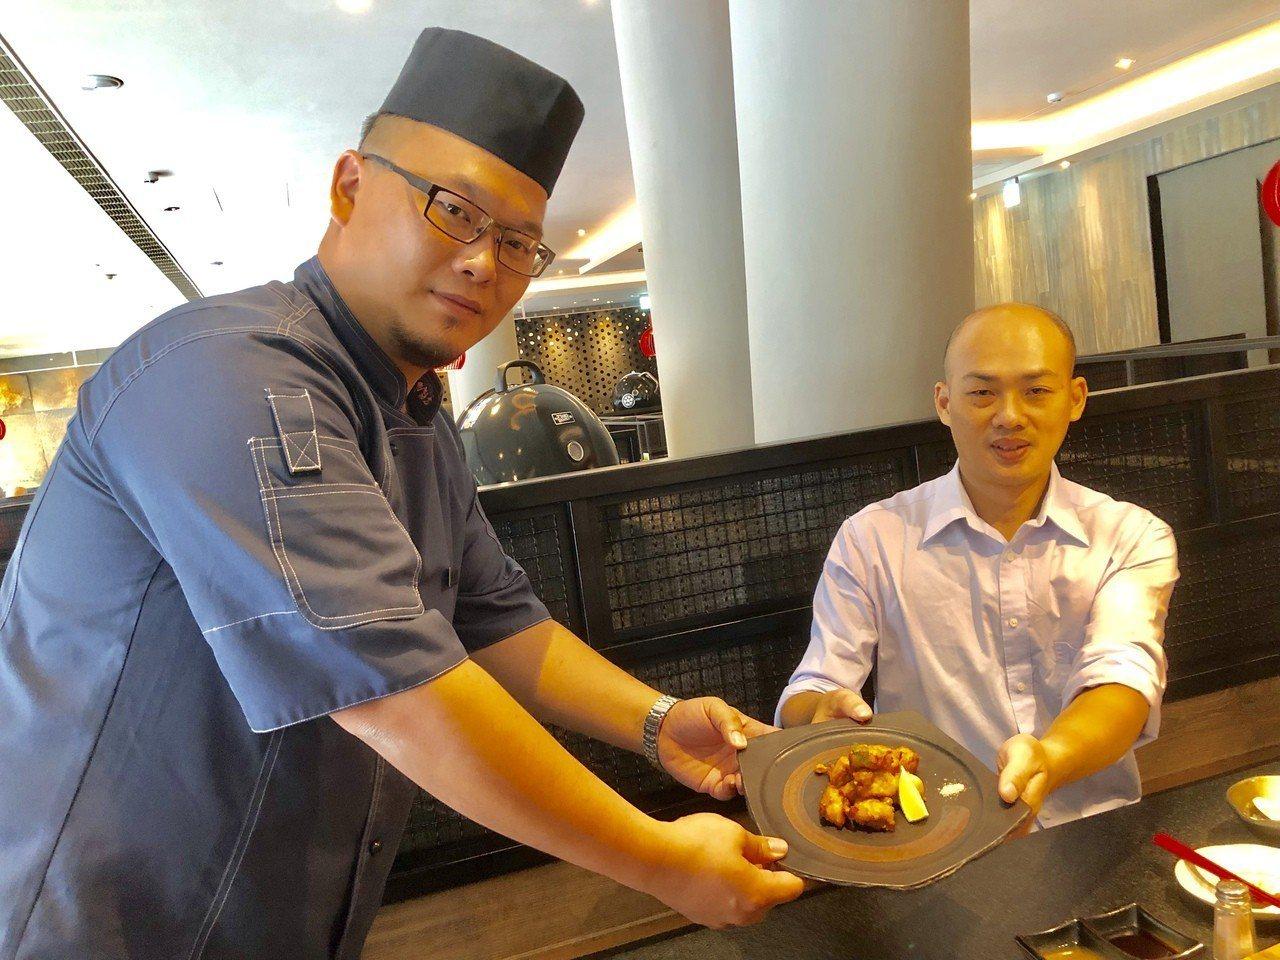 台中餐廳吹韓風,花鮨餐廳開幕首二日推出光頭來店打卡就送「狂野炸雞」。